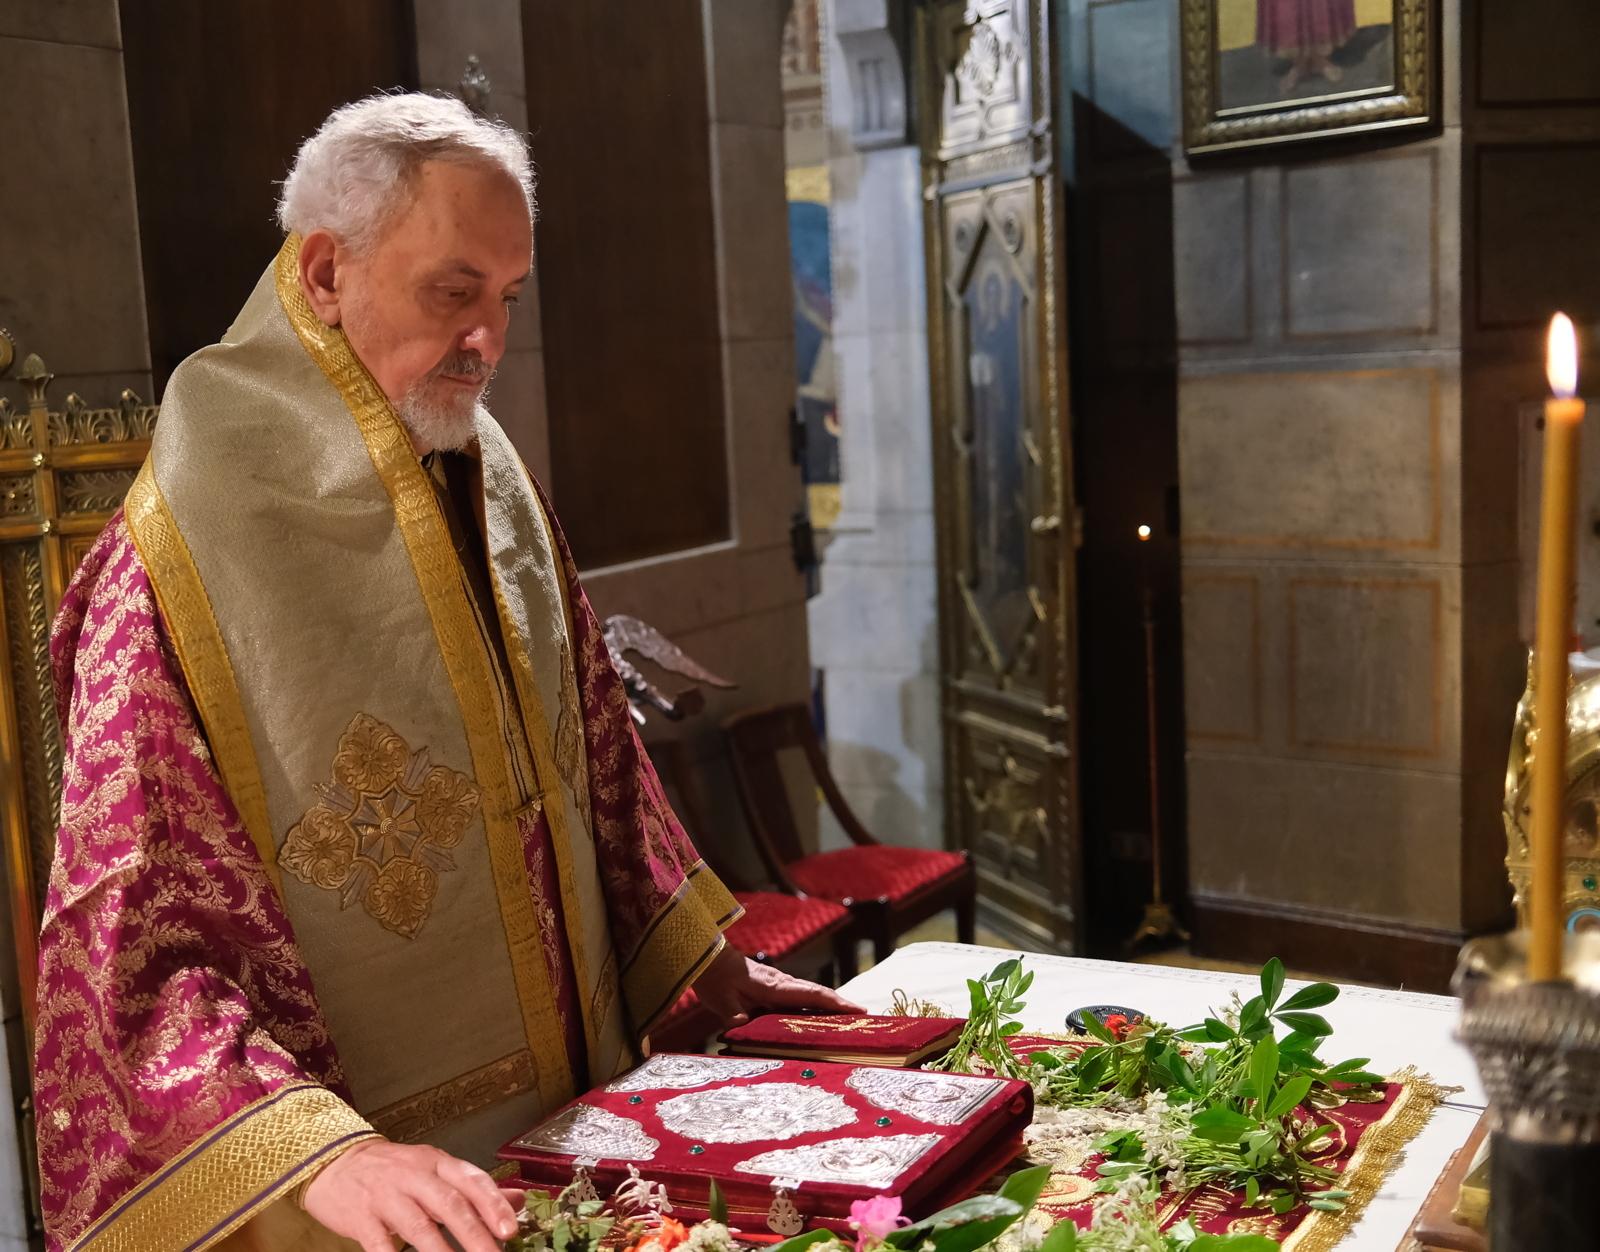 DSCF6759  - Μεγάλη Παρασκευή στον Άγιο Στέφανο Παρισίων (φωτο)